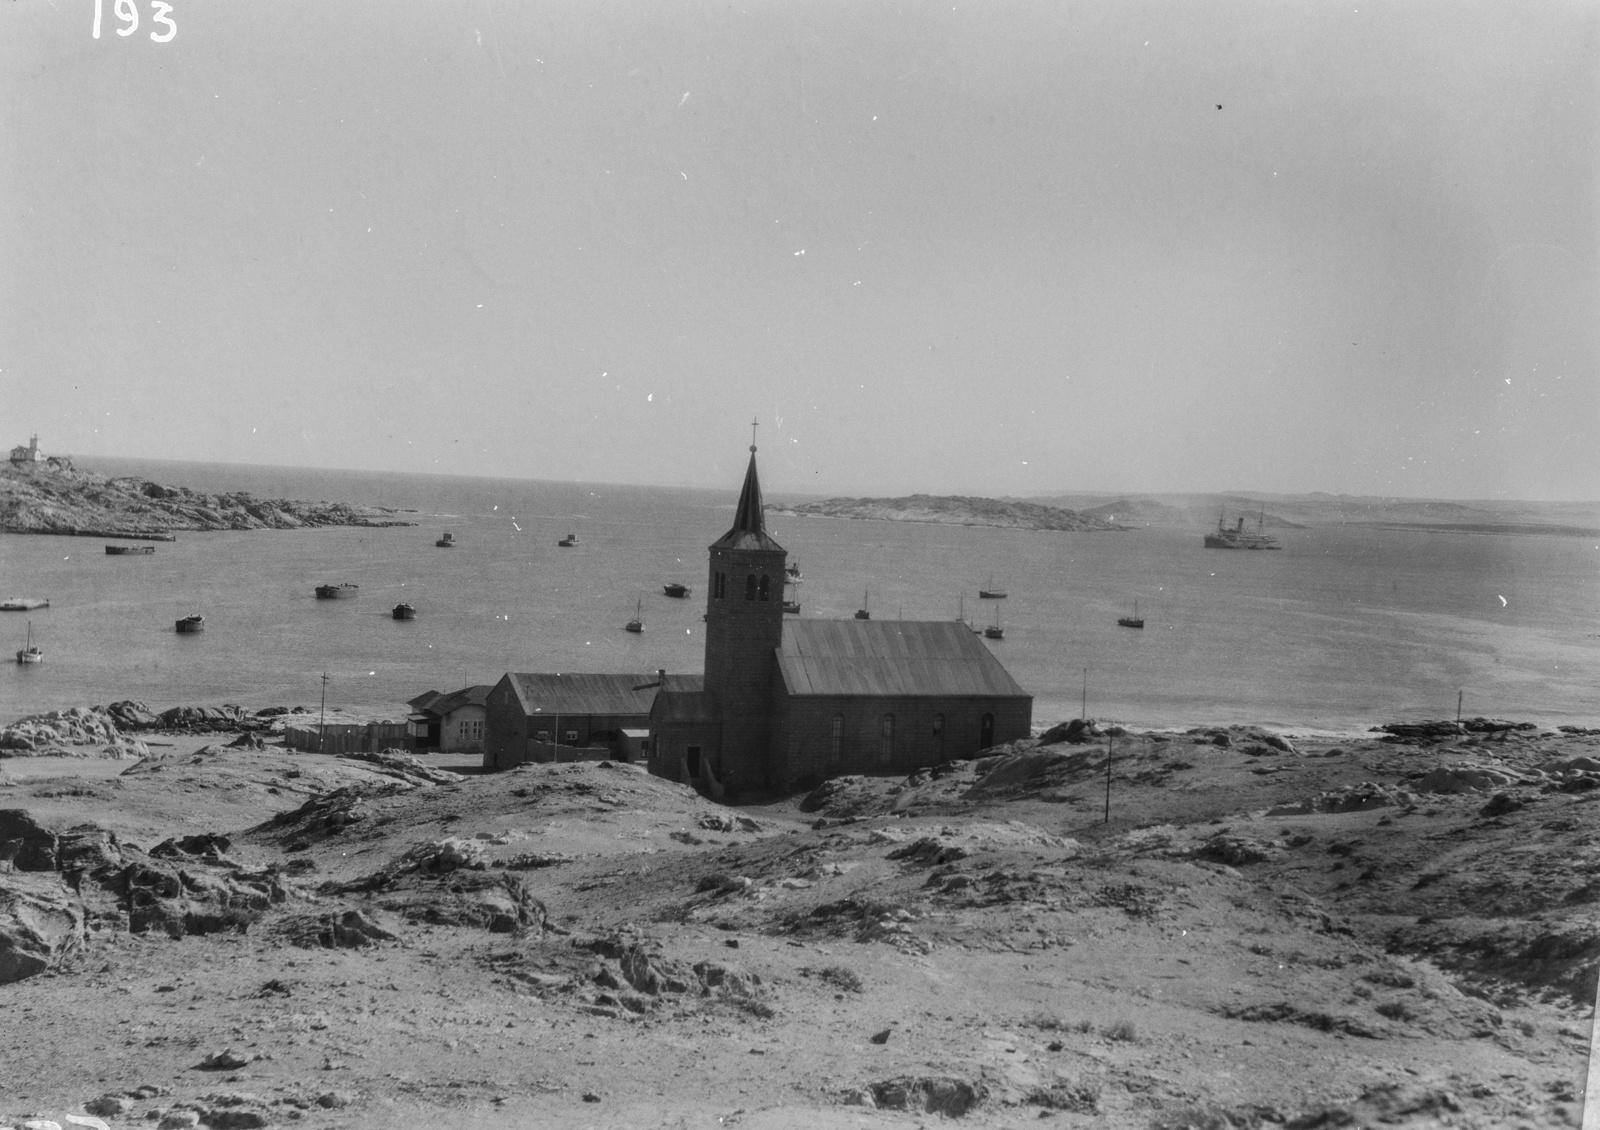 Южно-Африканский Союз. Кейптаун. Церковь в гавани